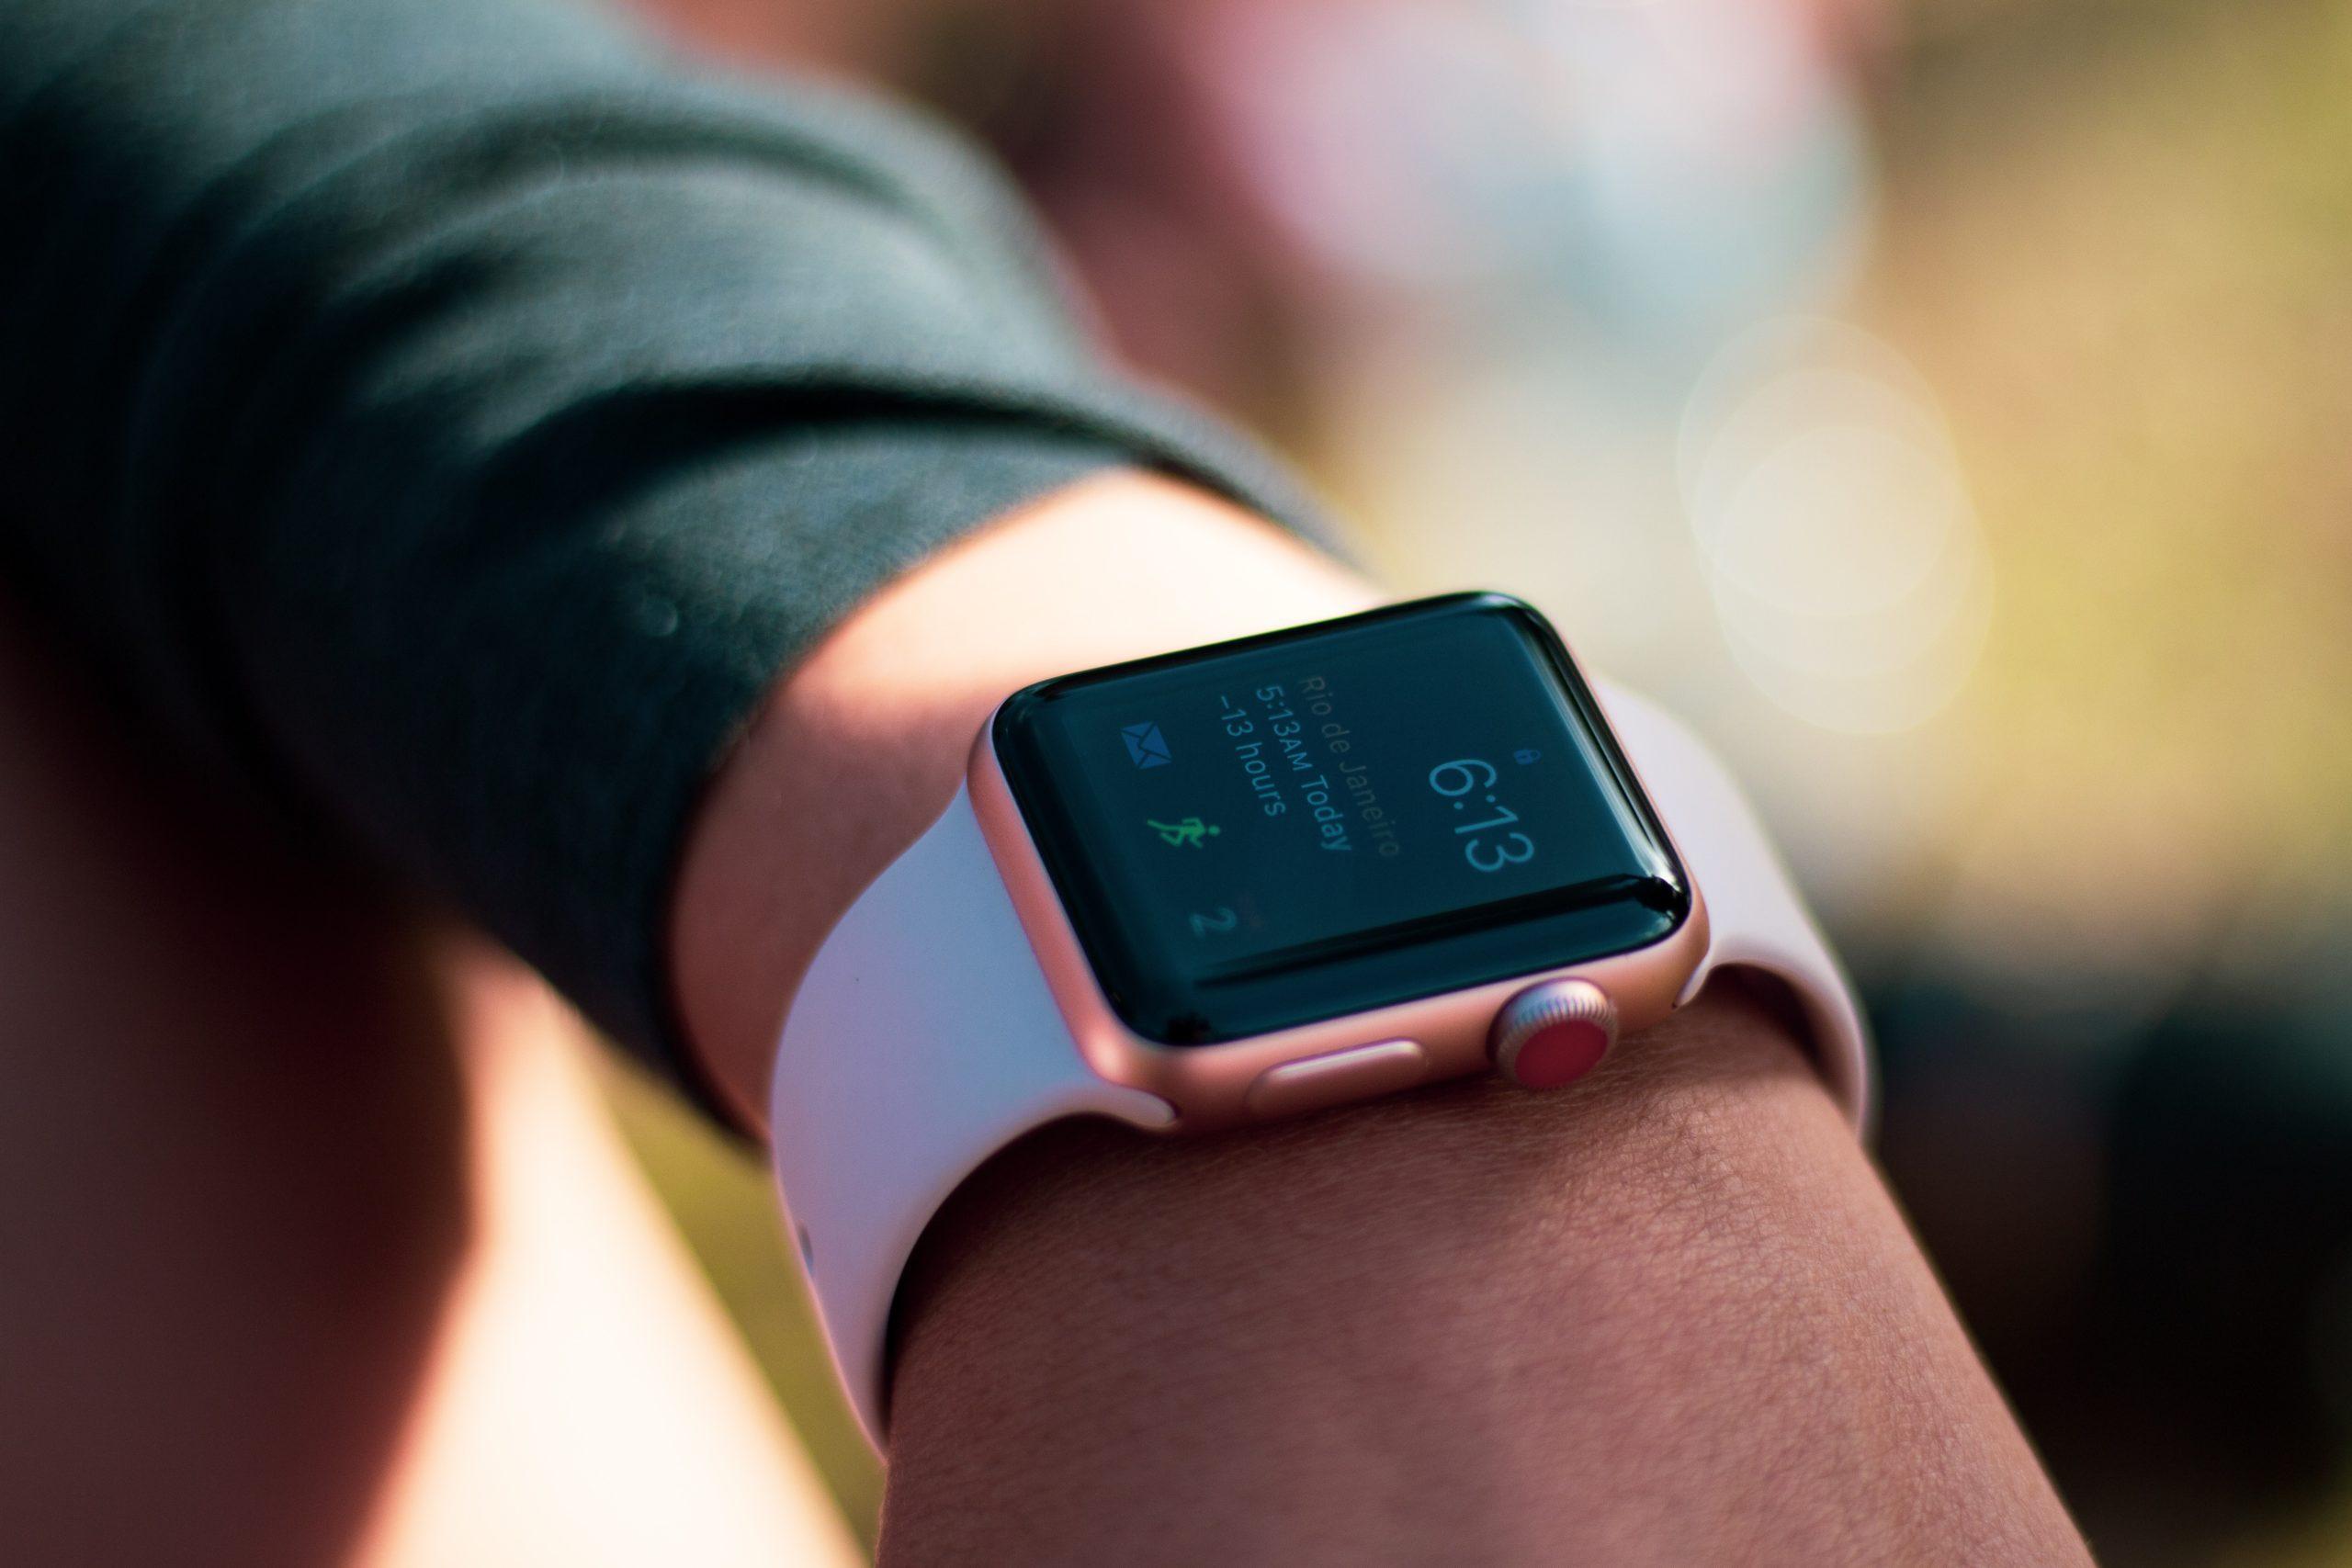 Smartwatch : plus qu'un tracker d'activité physique